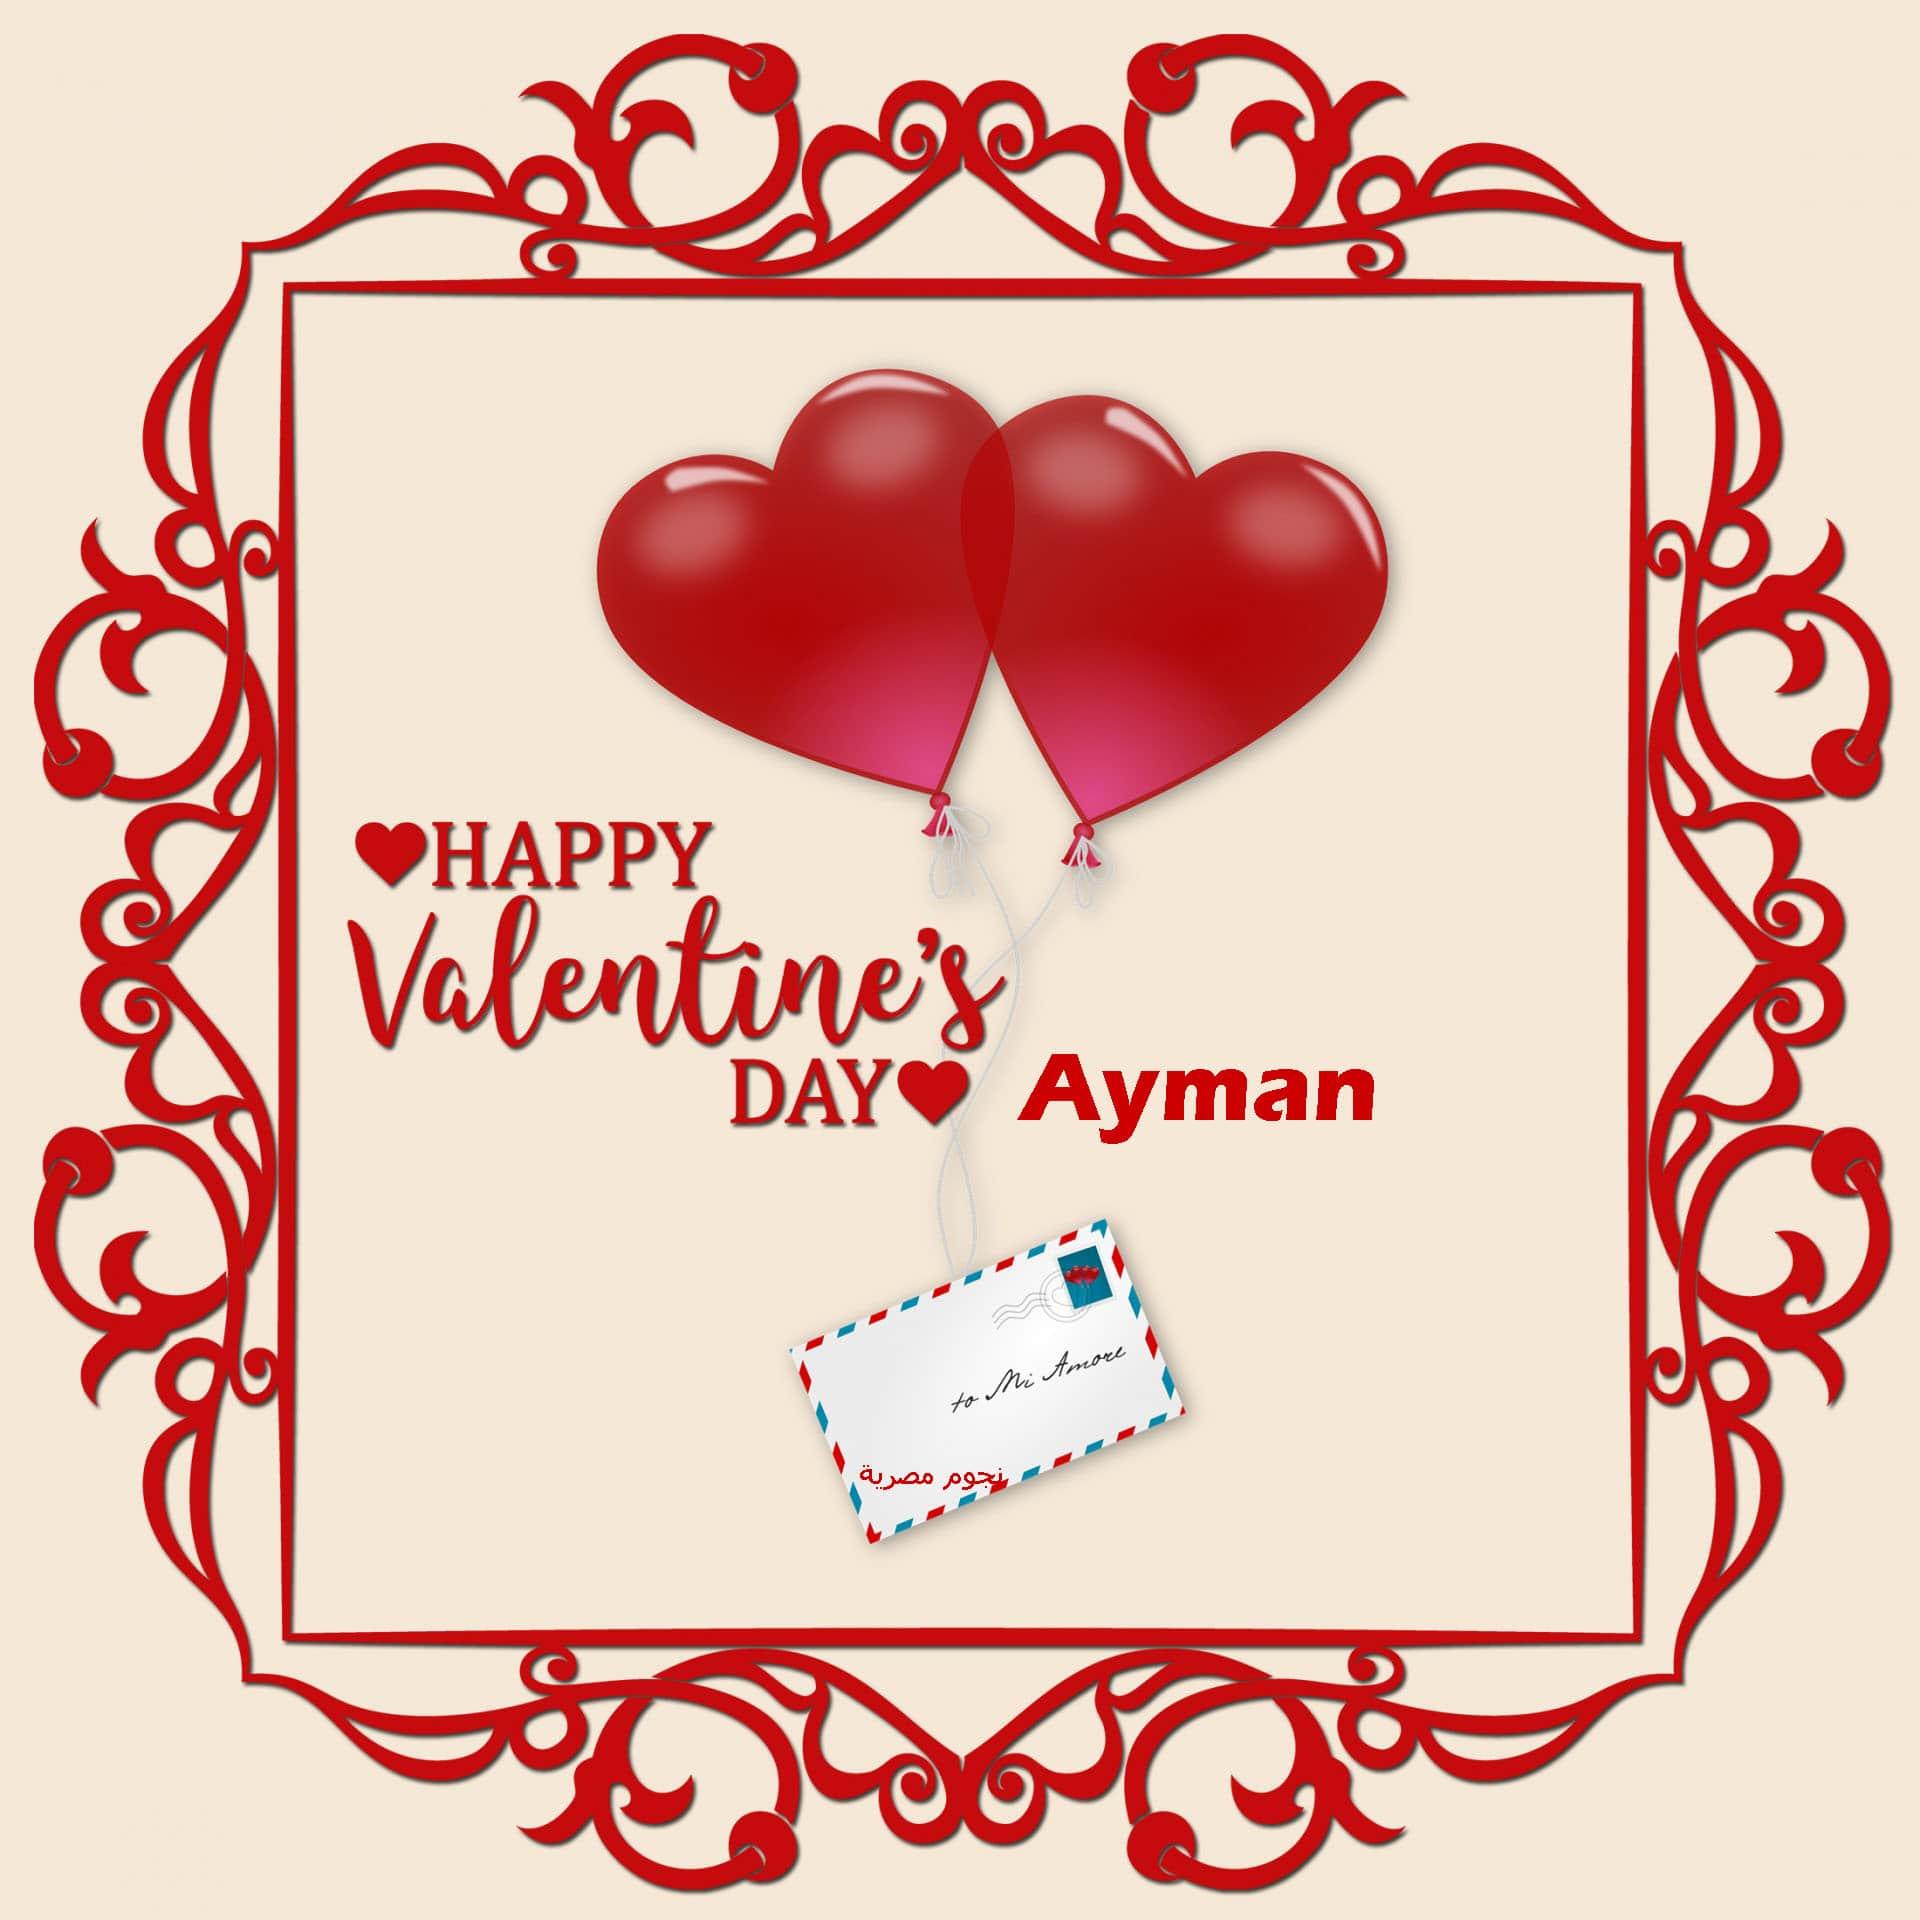 بالصور رسائل عن الحب , صور لعيد الحب 5203 7